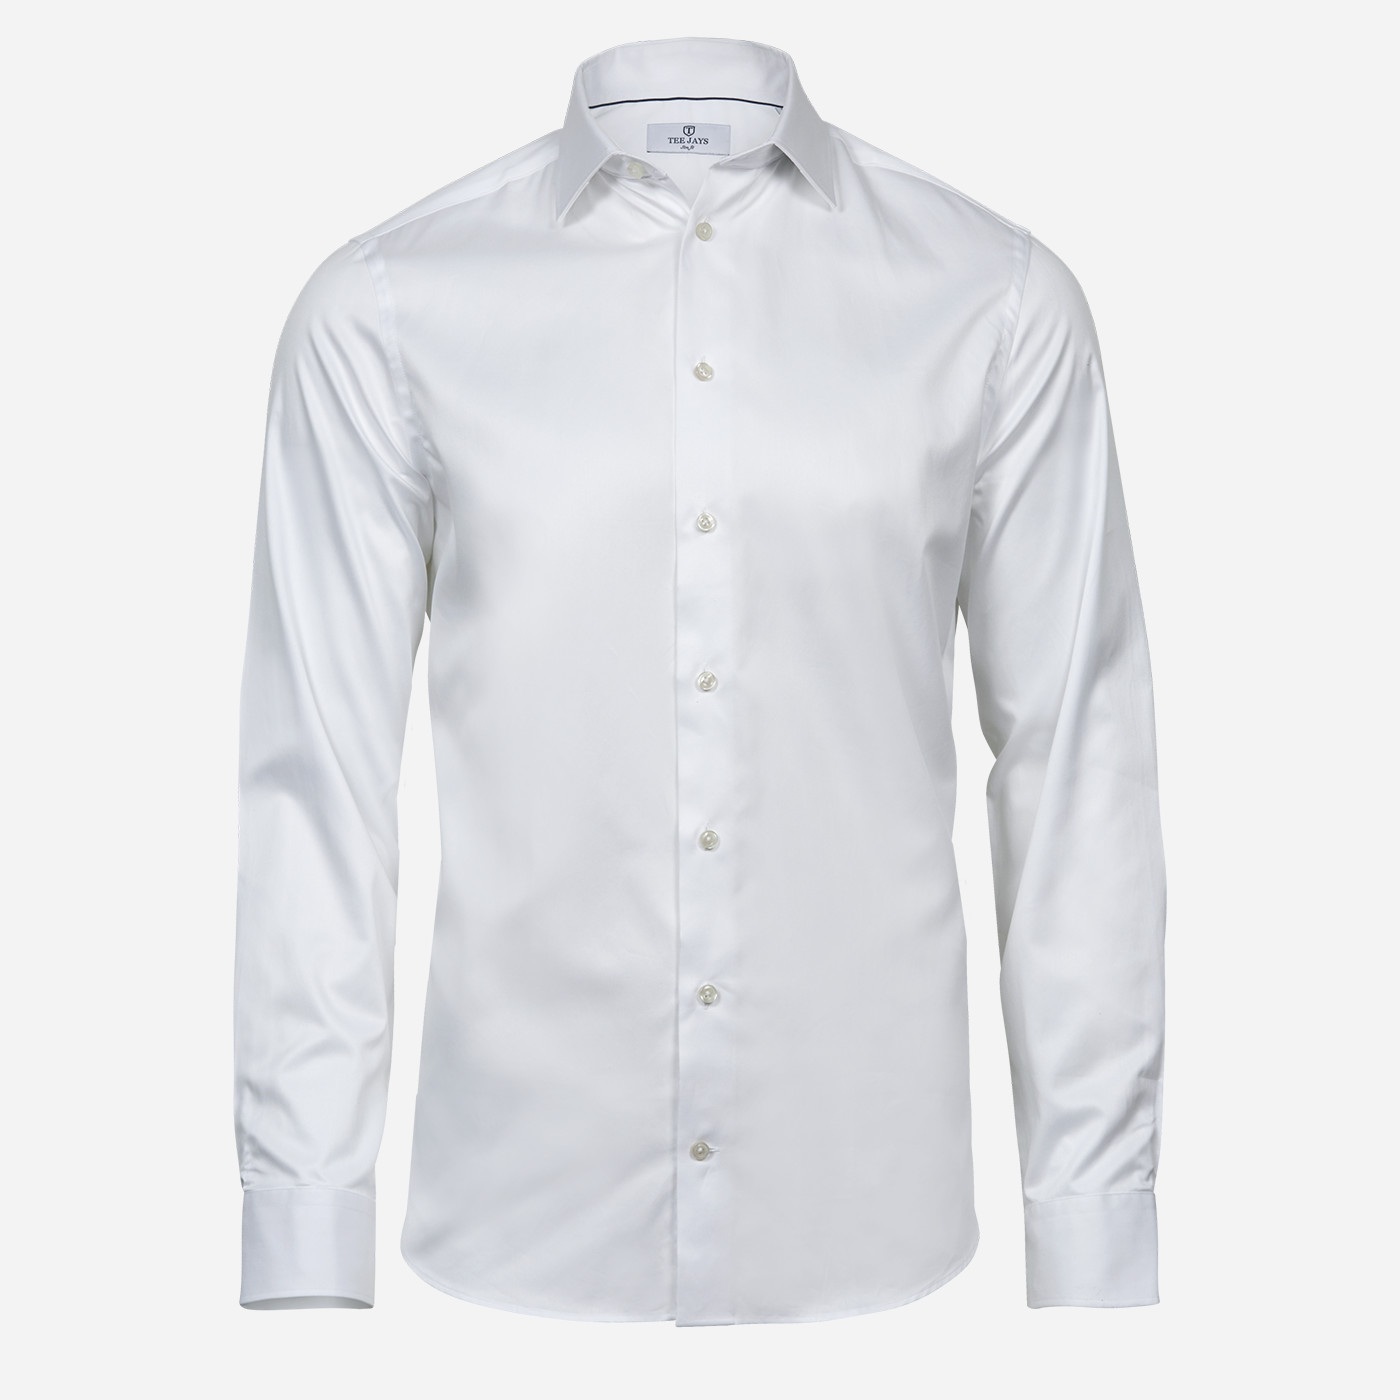 Biela pánska košeľa Tee Jays, Slim fit Veľkosť: XXL 45/46